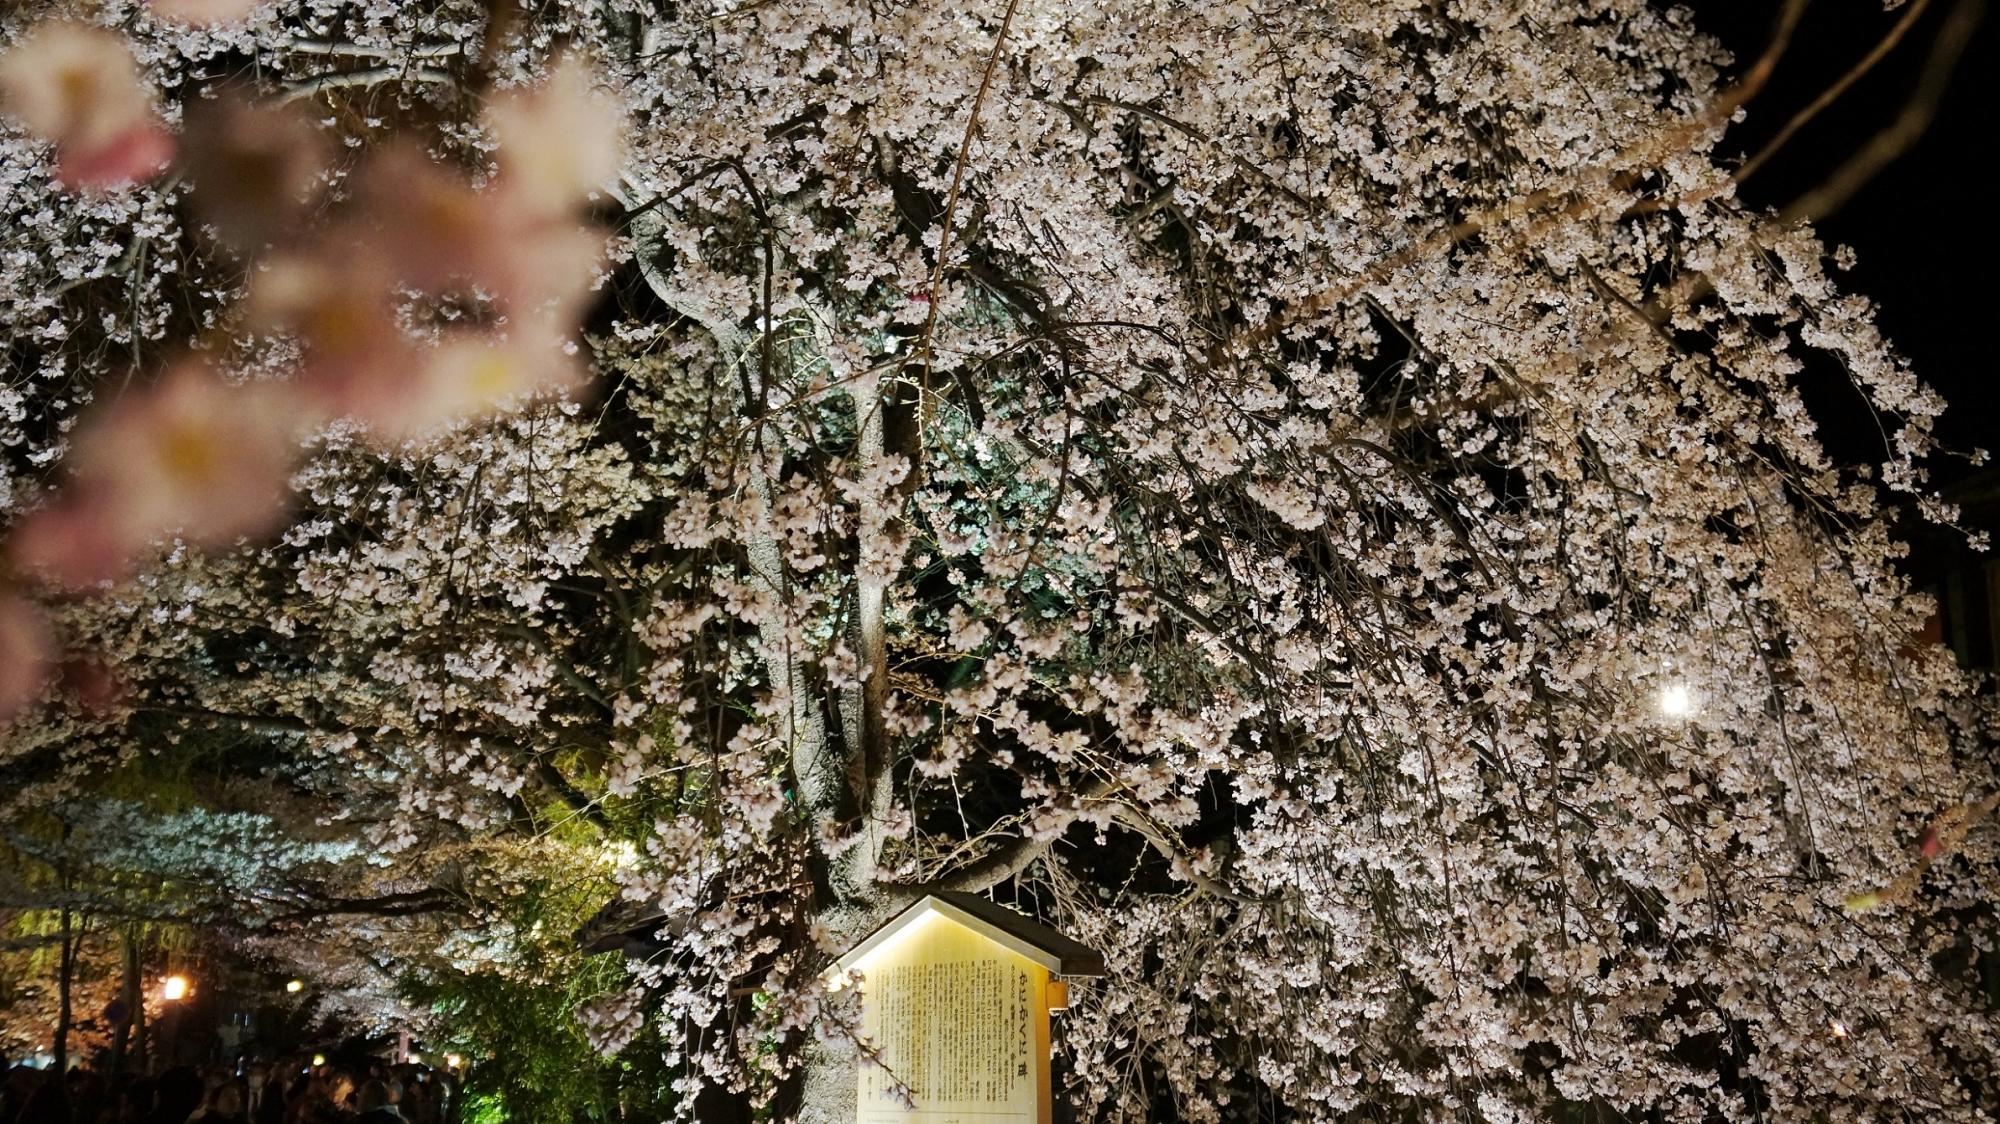 京都祇園白川のかにかくに碑と満開のライトアップされた枝垂れ桜